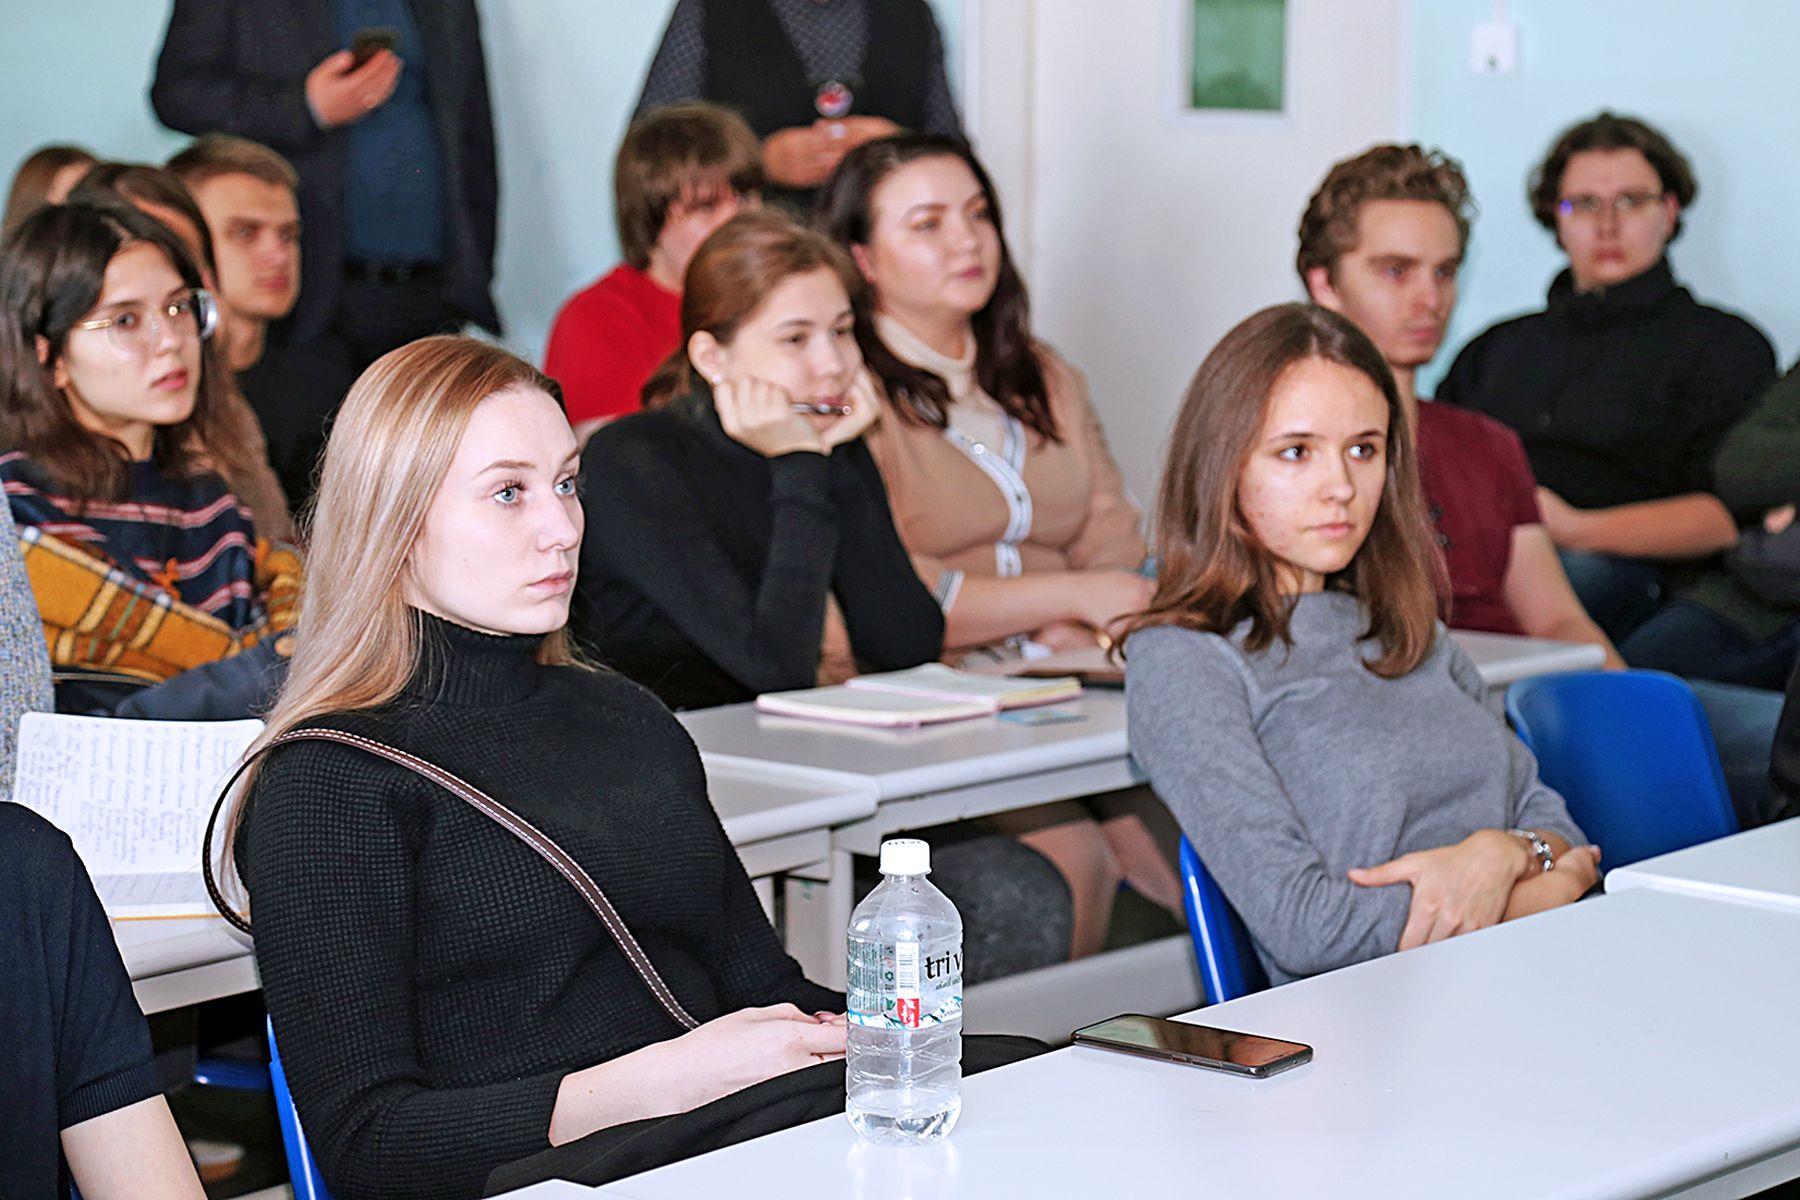 День компании 2ГИС во ВГУЭС: новые карьерные перспективы для студентов